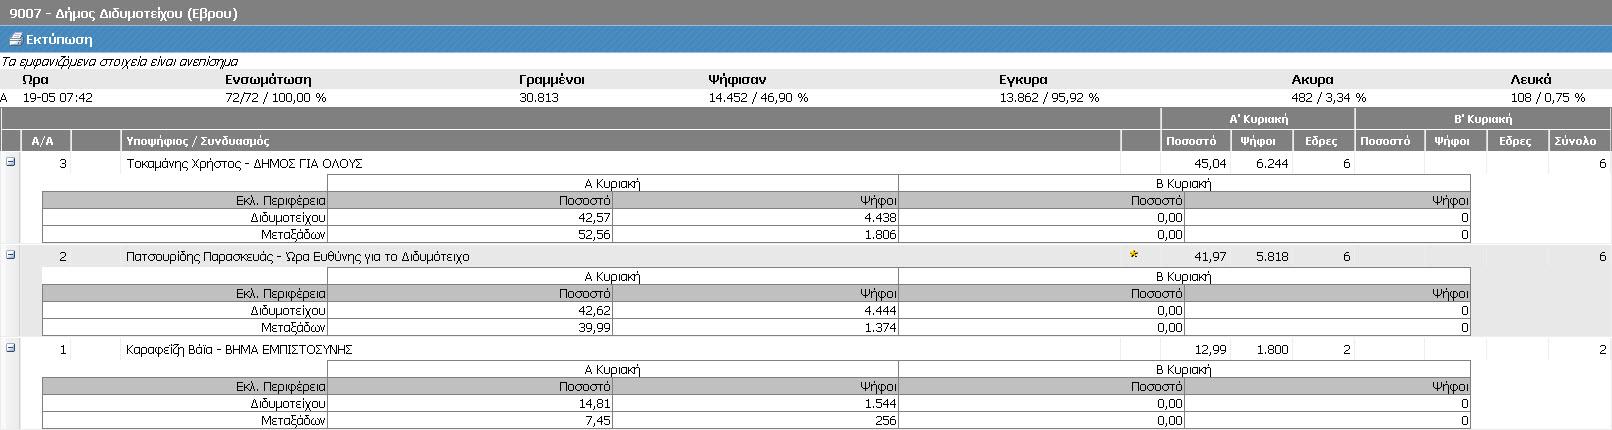 Δήμος Διδυμοτείχου (Τελικά ΥΠΕΣ, Α' Κυριακή 18/5/2014 - αποτελέσματα 19/5/2014 07:42)